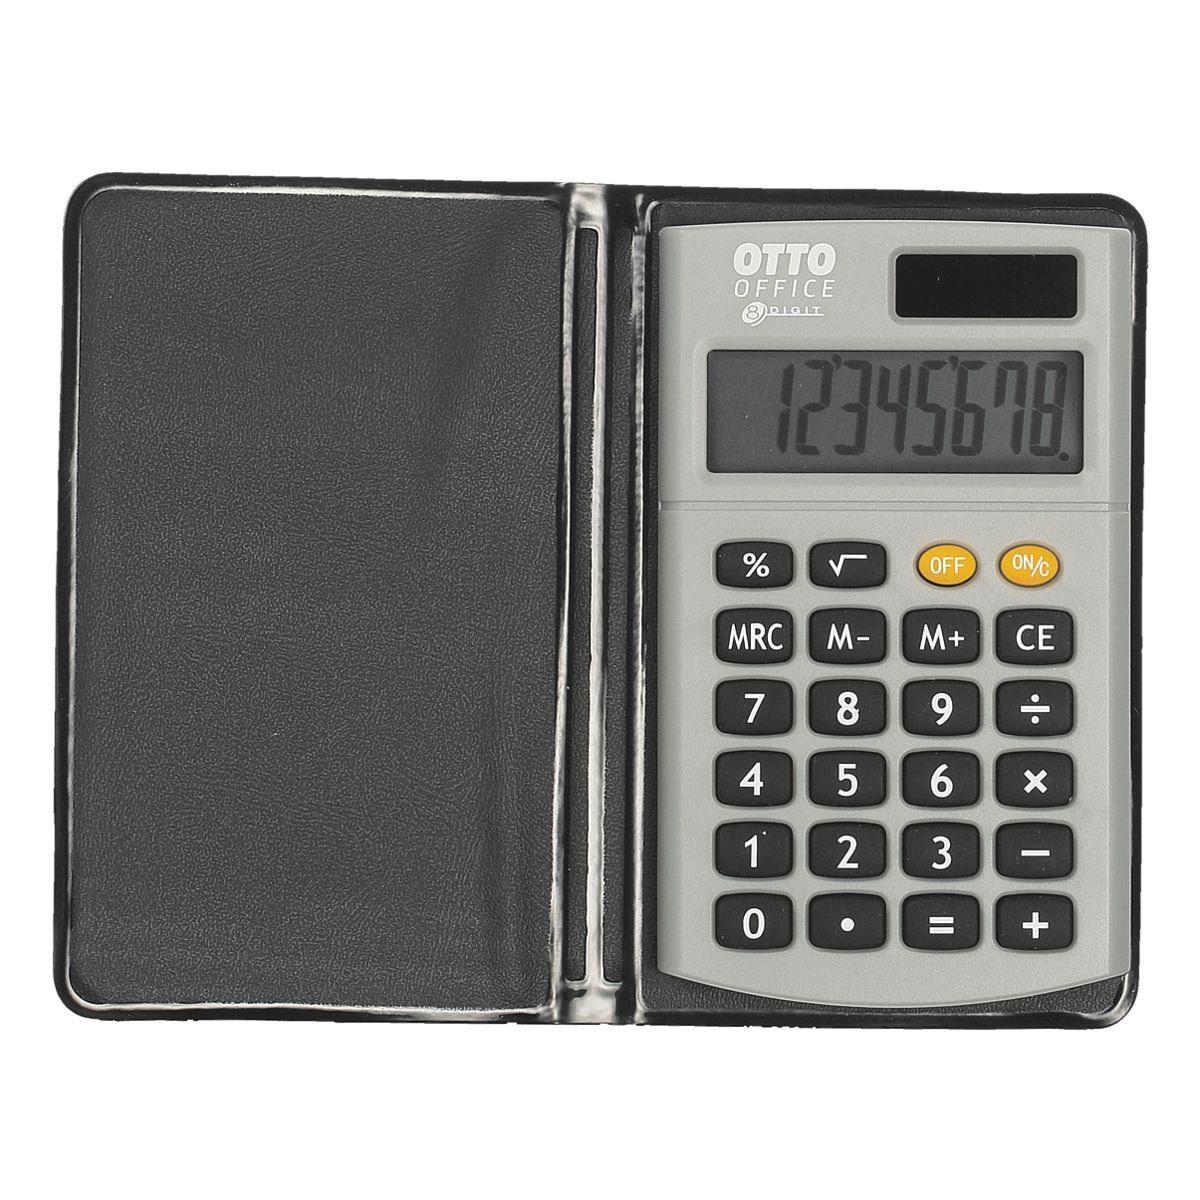 OTTOOFFICE STANDARD Taschenrechner »OC-P17«